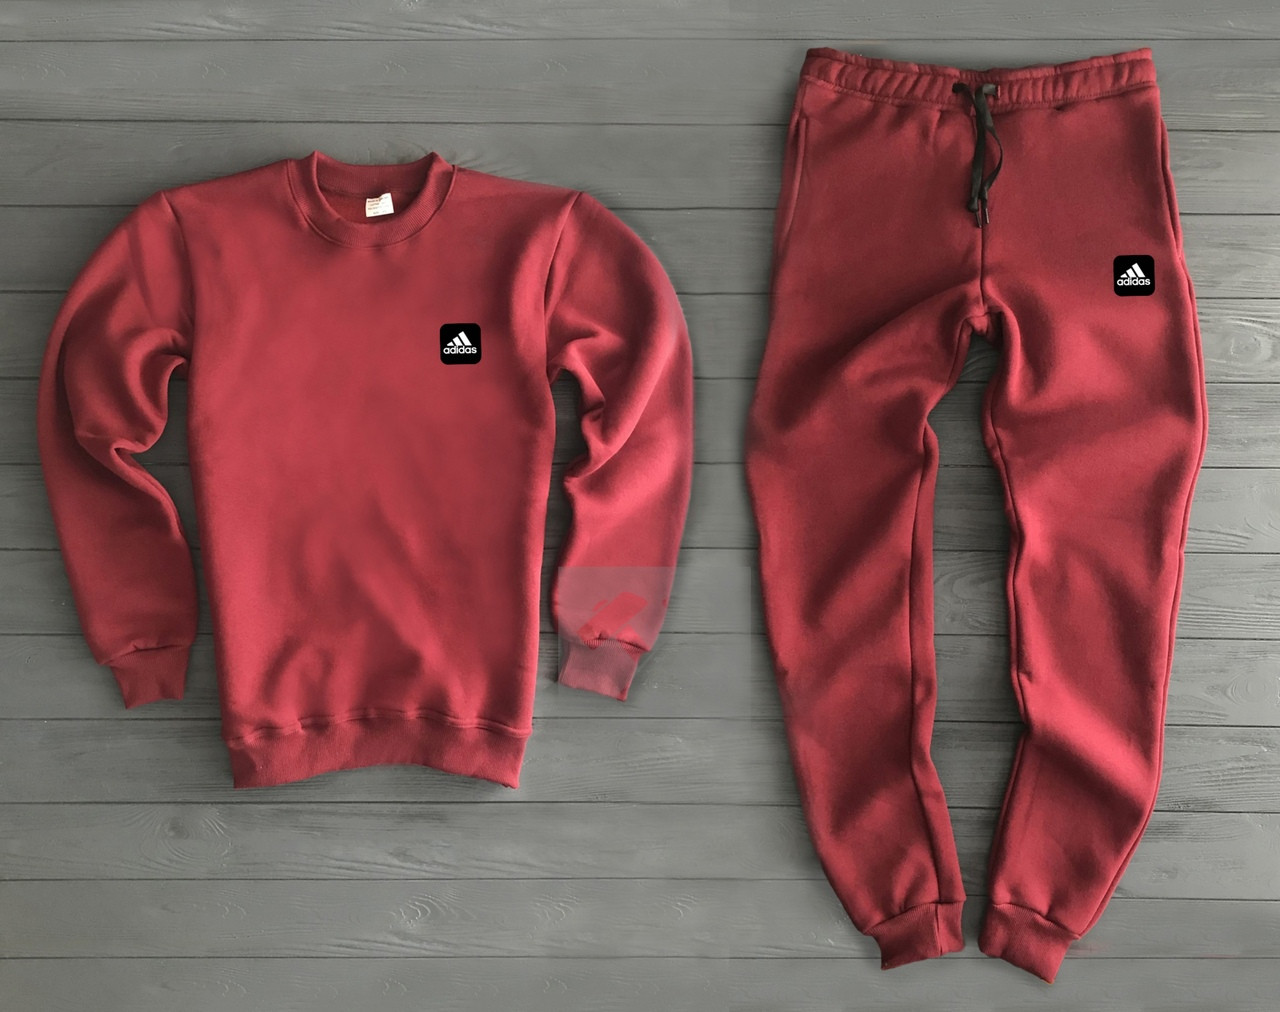 348139a42a78 Спортивный костюм Adidas красный с черно-белым логотипом топ реплика -  Интернет-магазин обуви